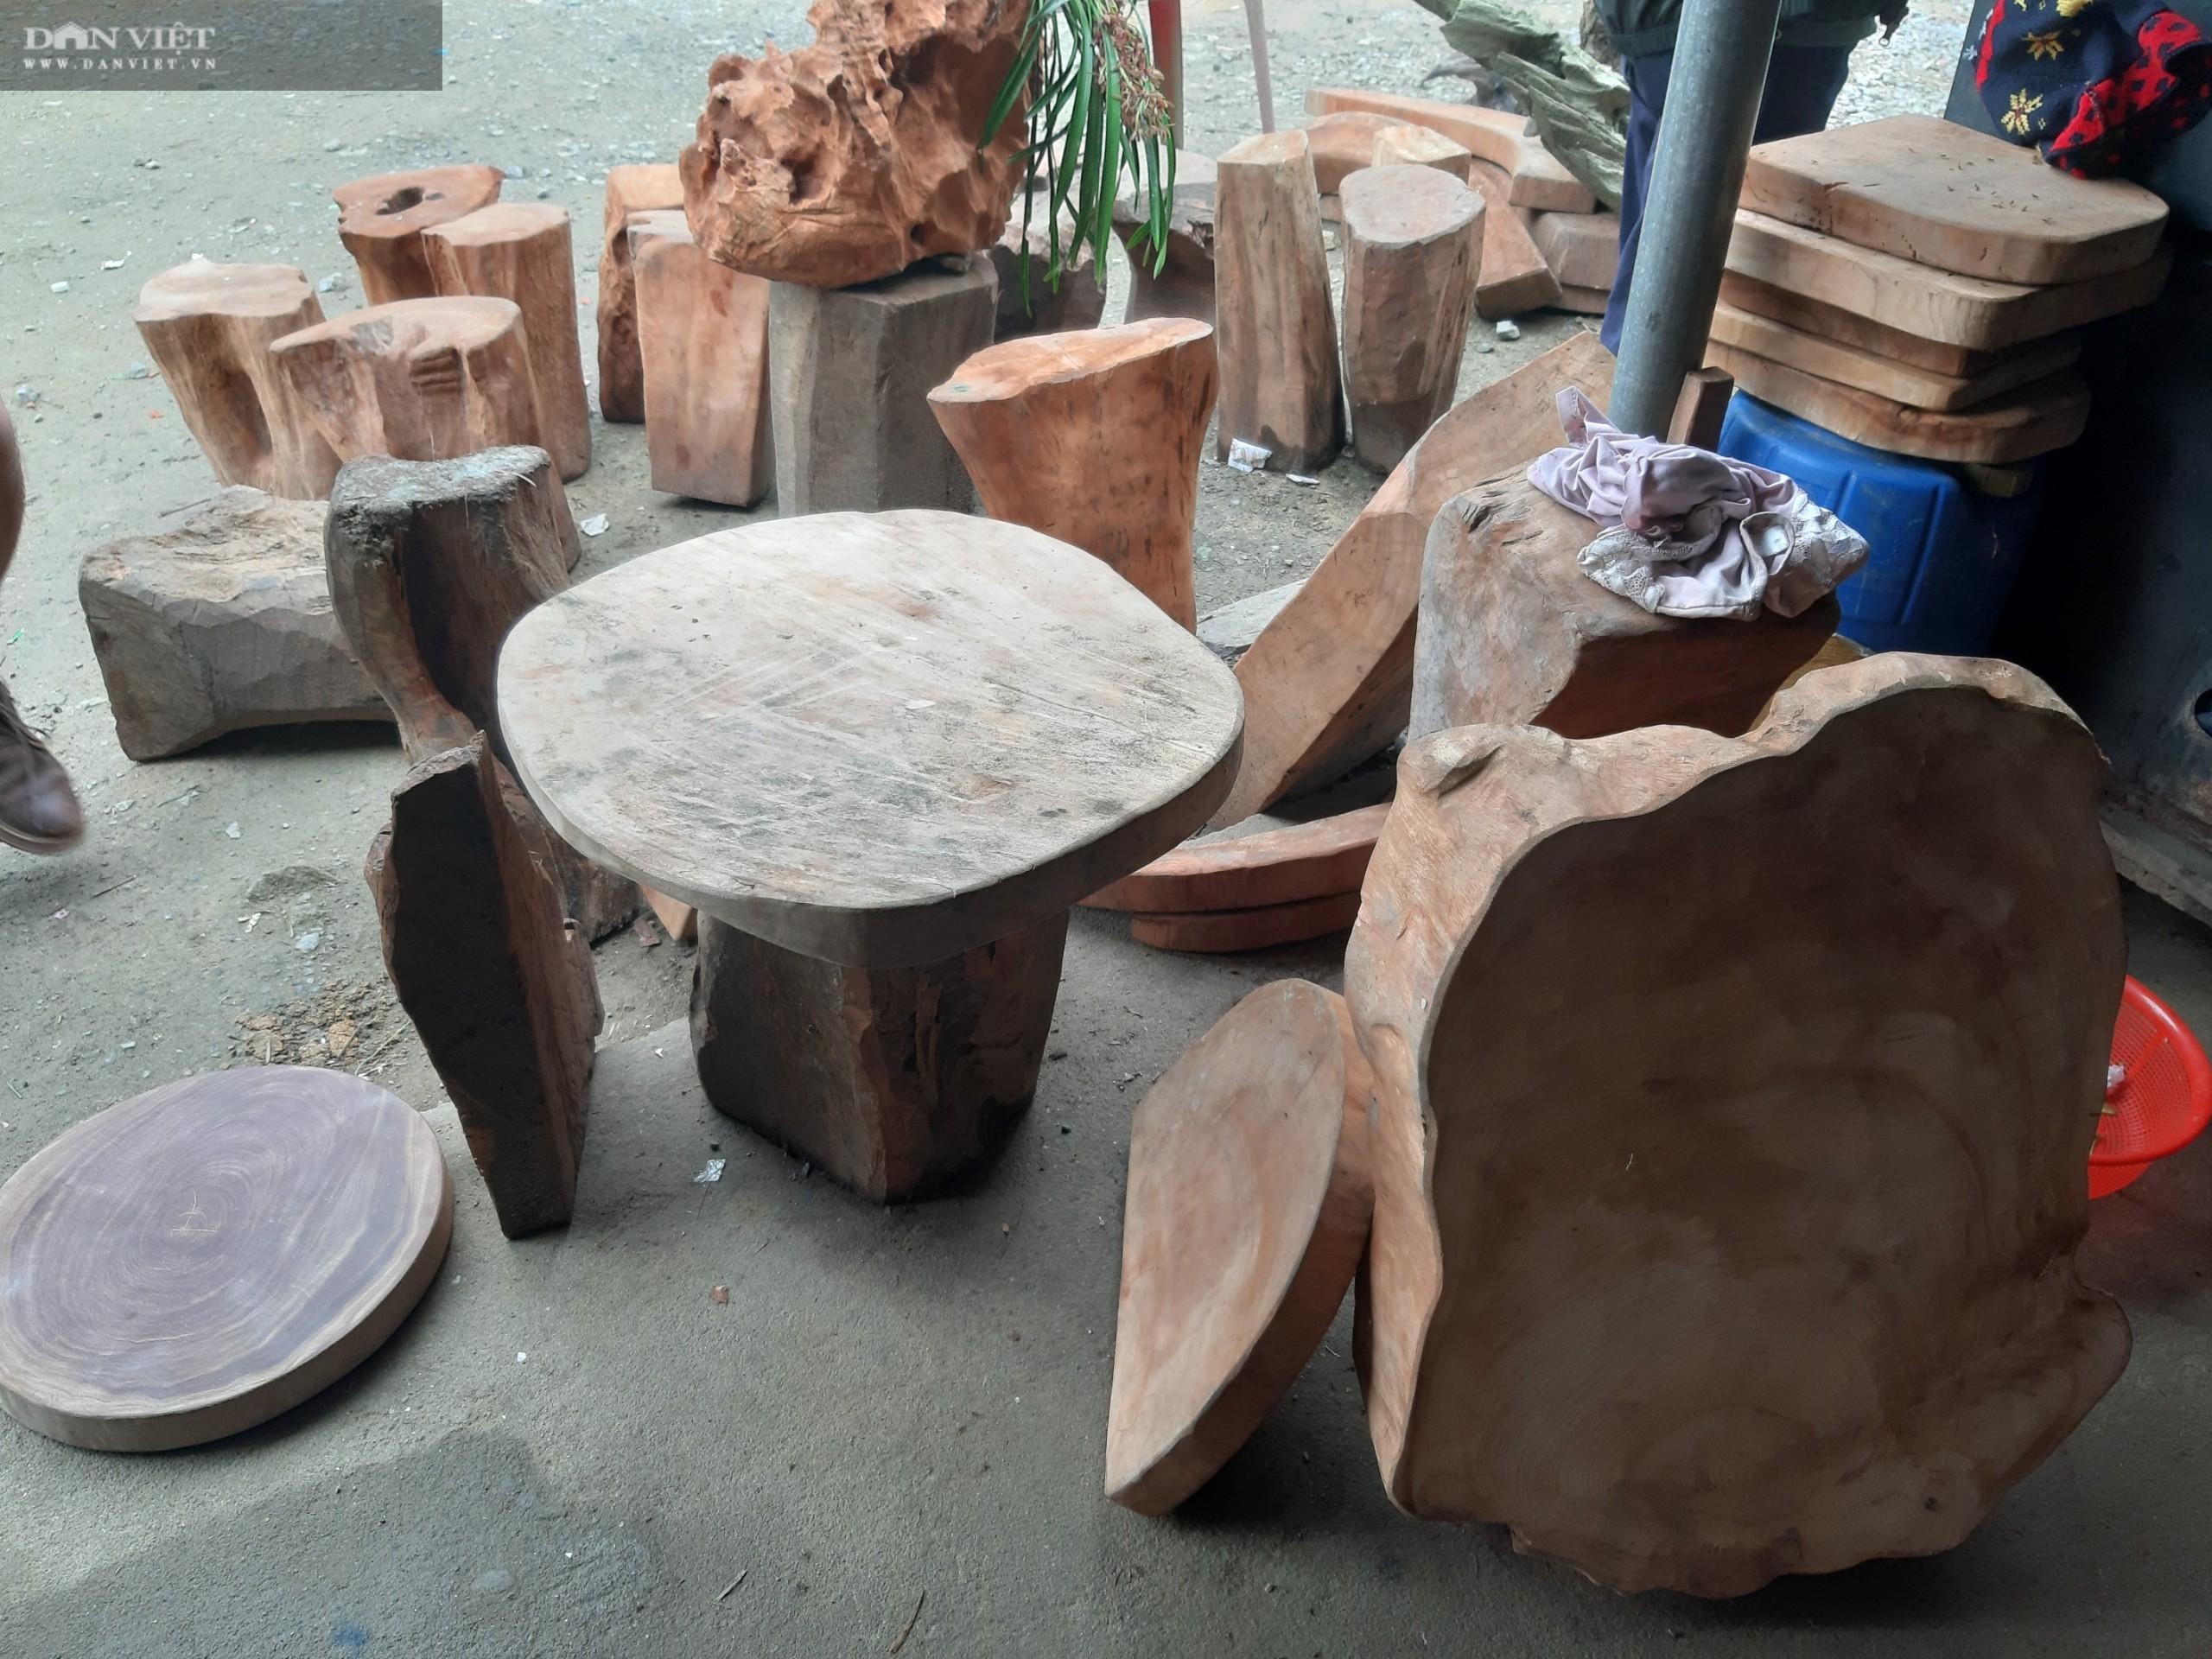 Vụ phá rừng pơ mu VQG Hoàng Liên: Kiểm lâm phối hợp với Công an tạm giữ 257 súc gỗ pơ mu - Ảnh 3.